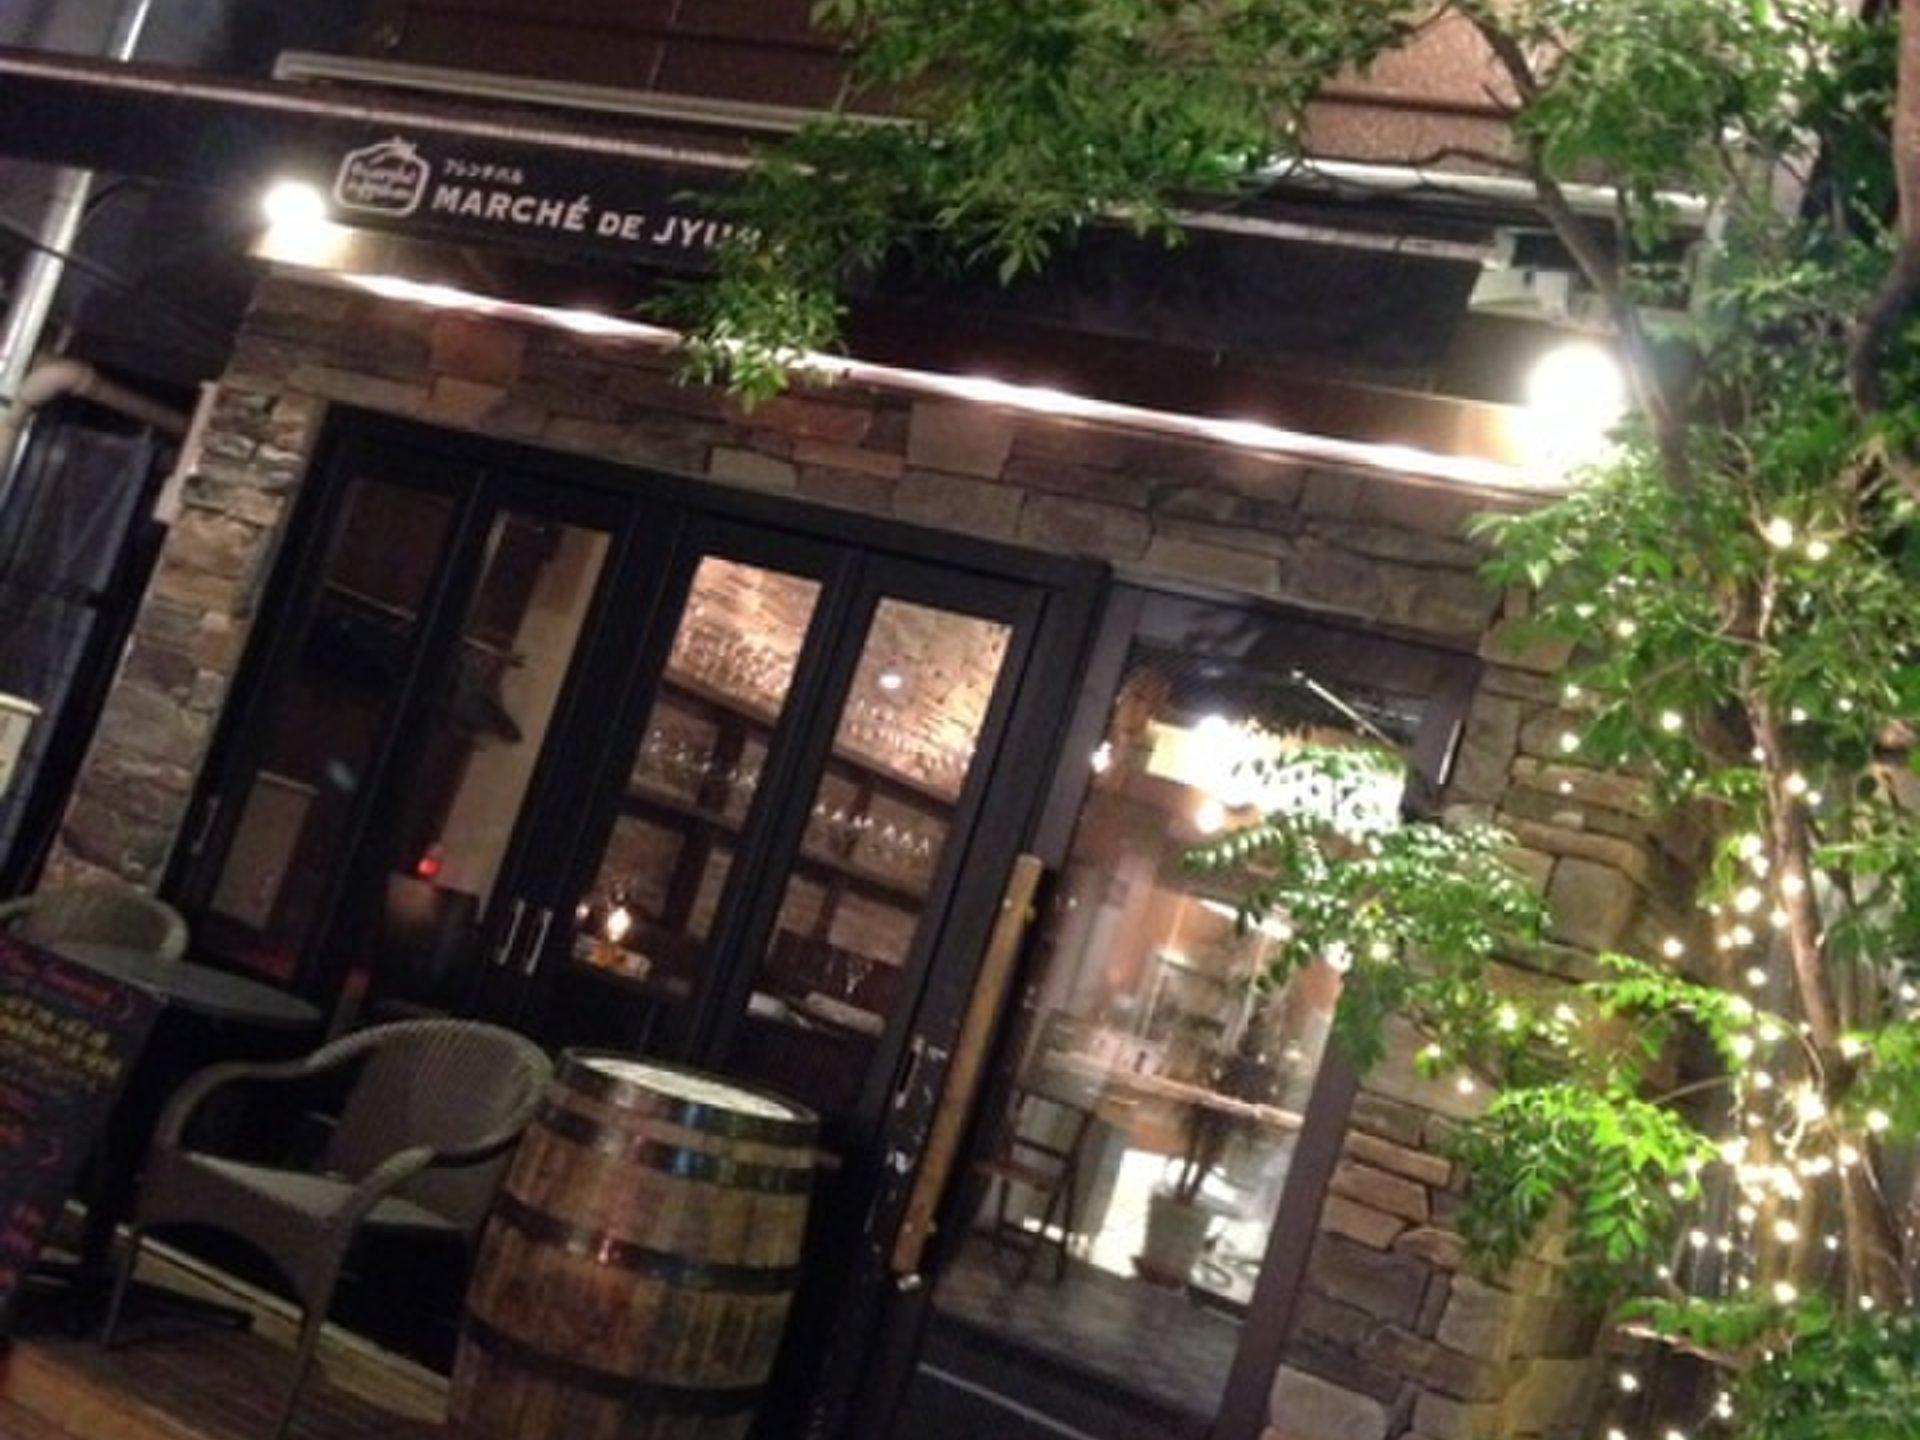 麻布十番にある自然派ワインとお肉のお店マルシェ デ ジュウバンでおしゃれに女子会